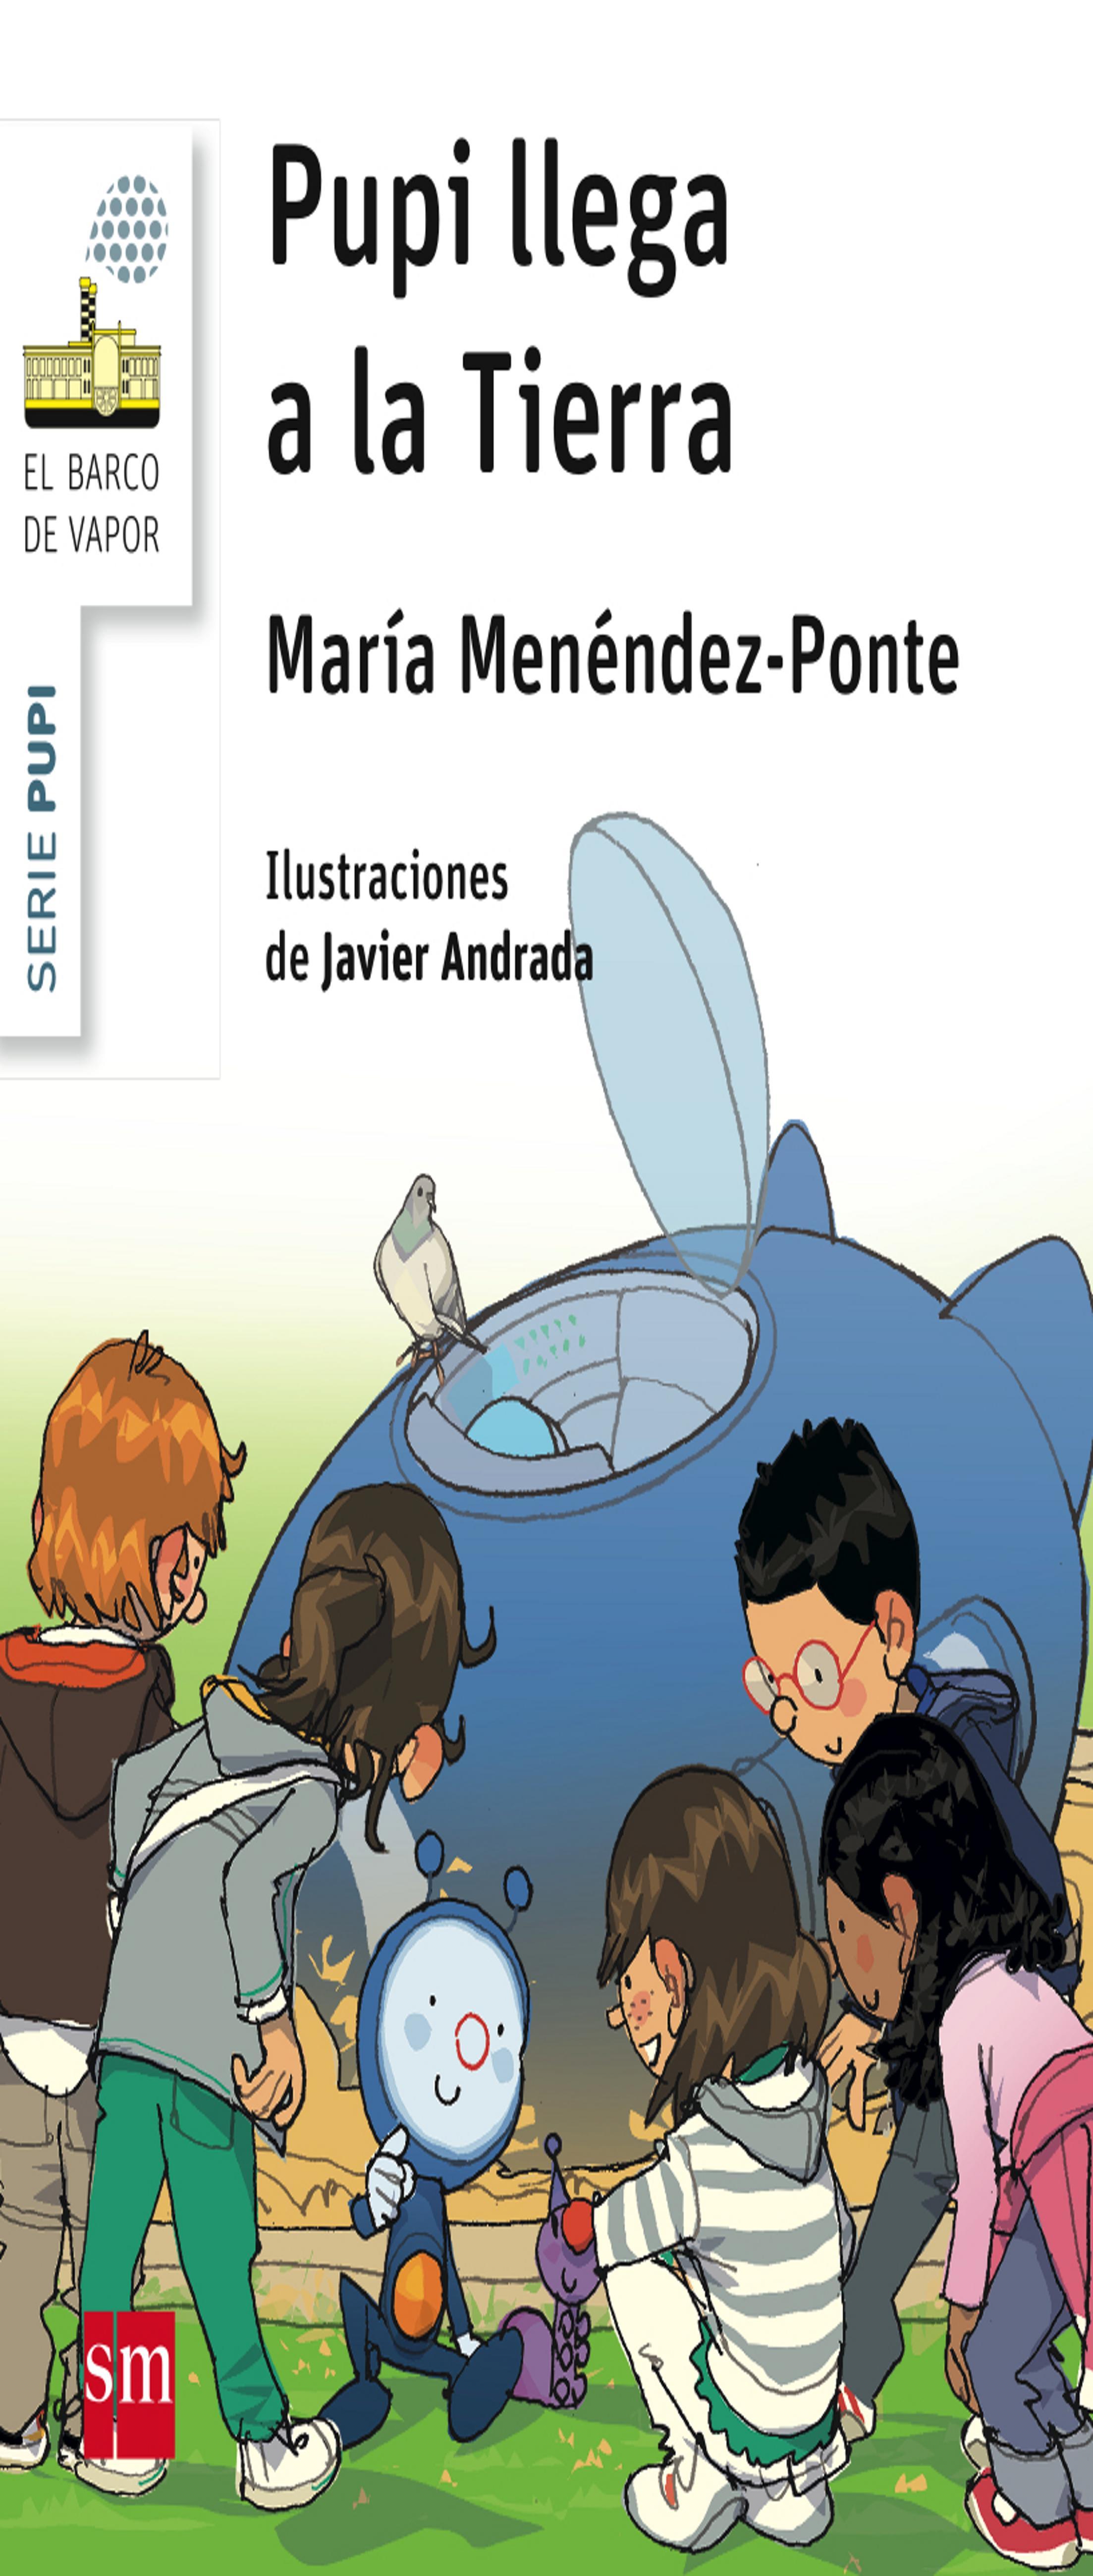 PUPI CON MASCOTA (pack muñeco y libros) - Librería IDIOMATIKA